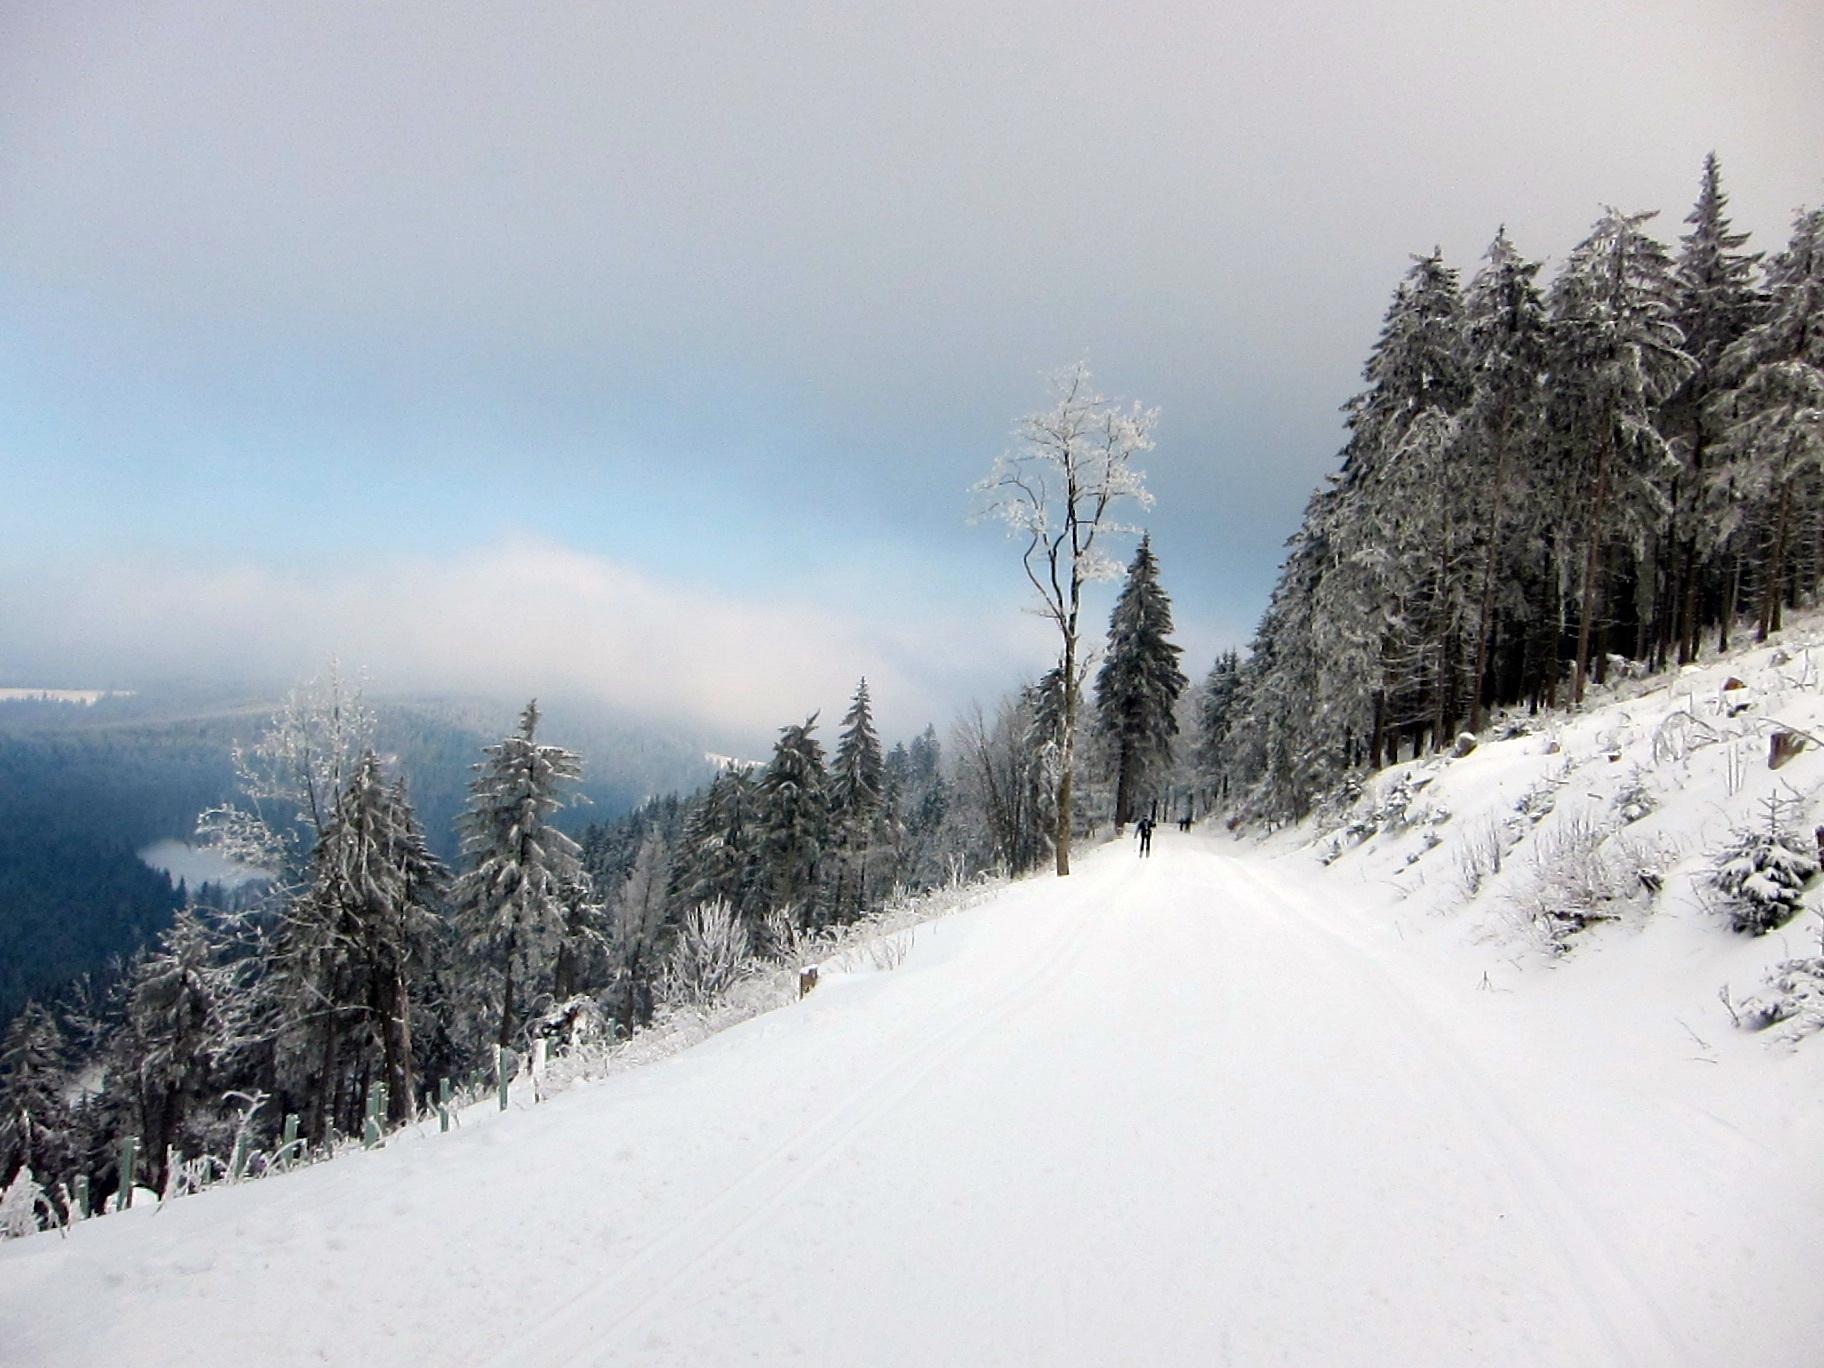 Wintervergnügen am Rennsteig